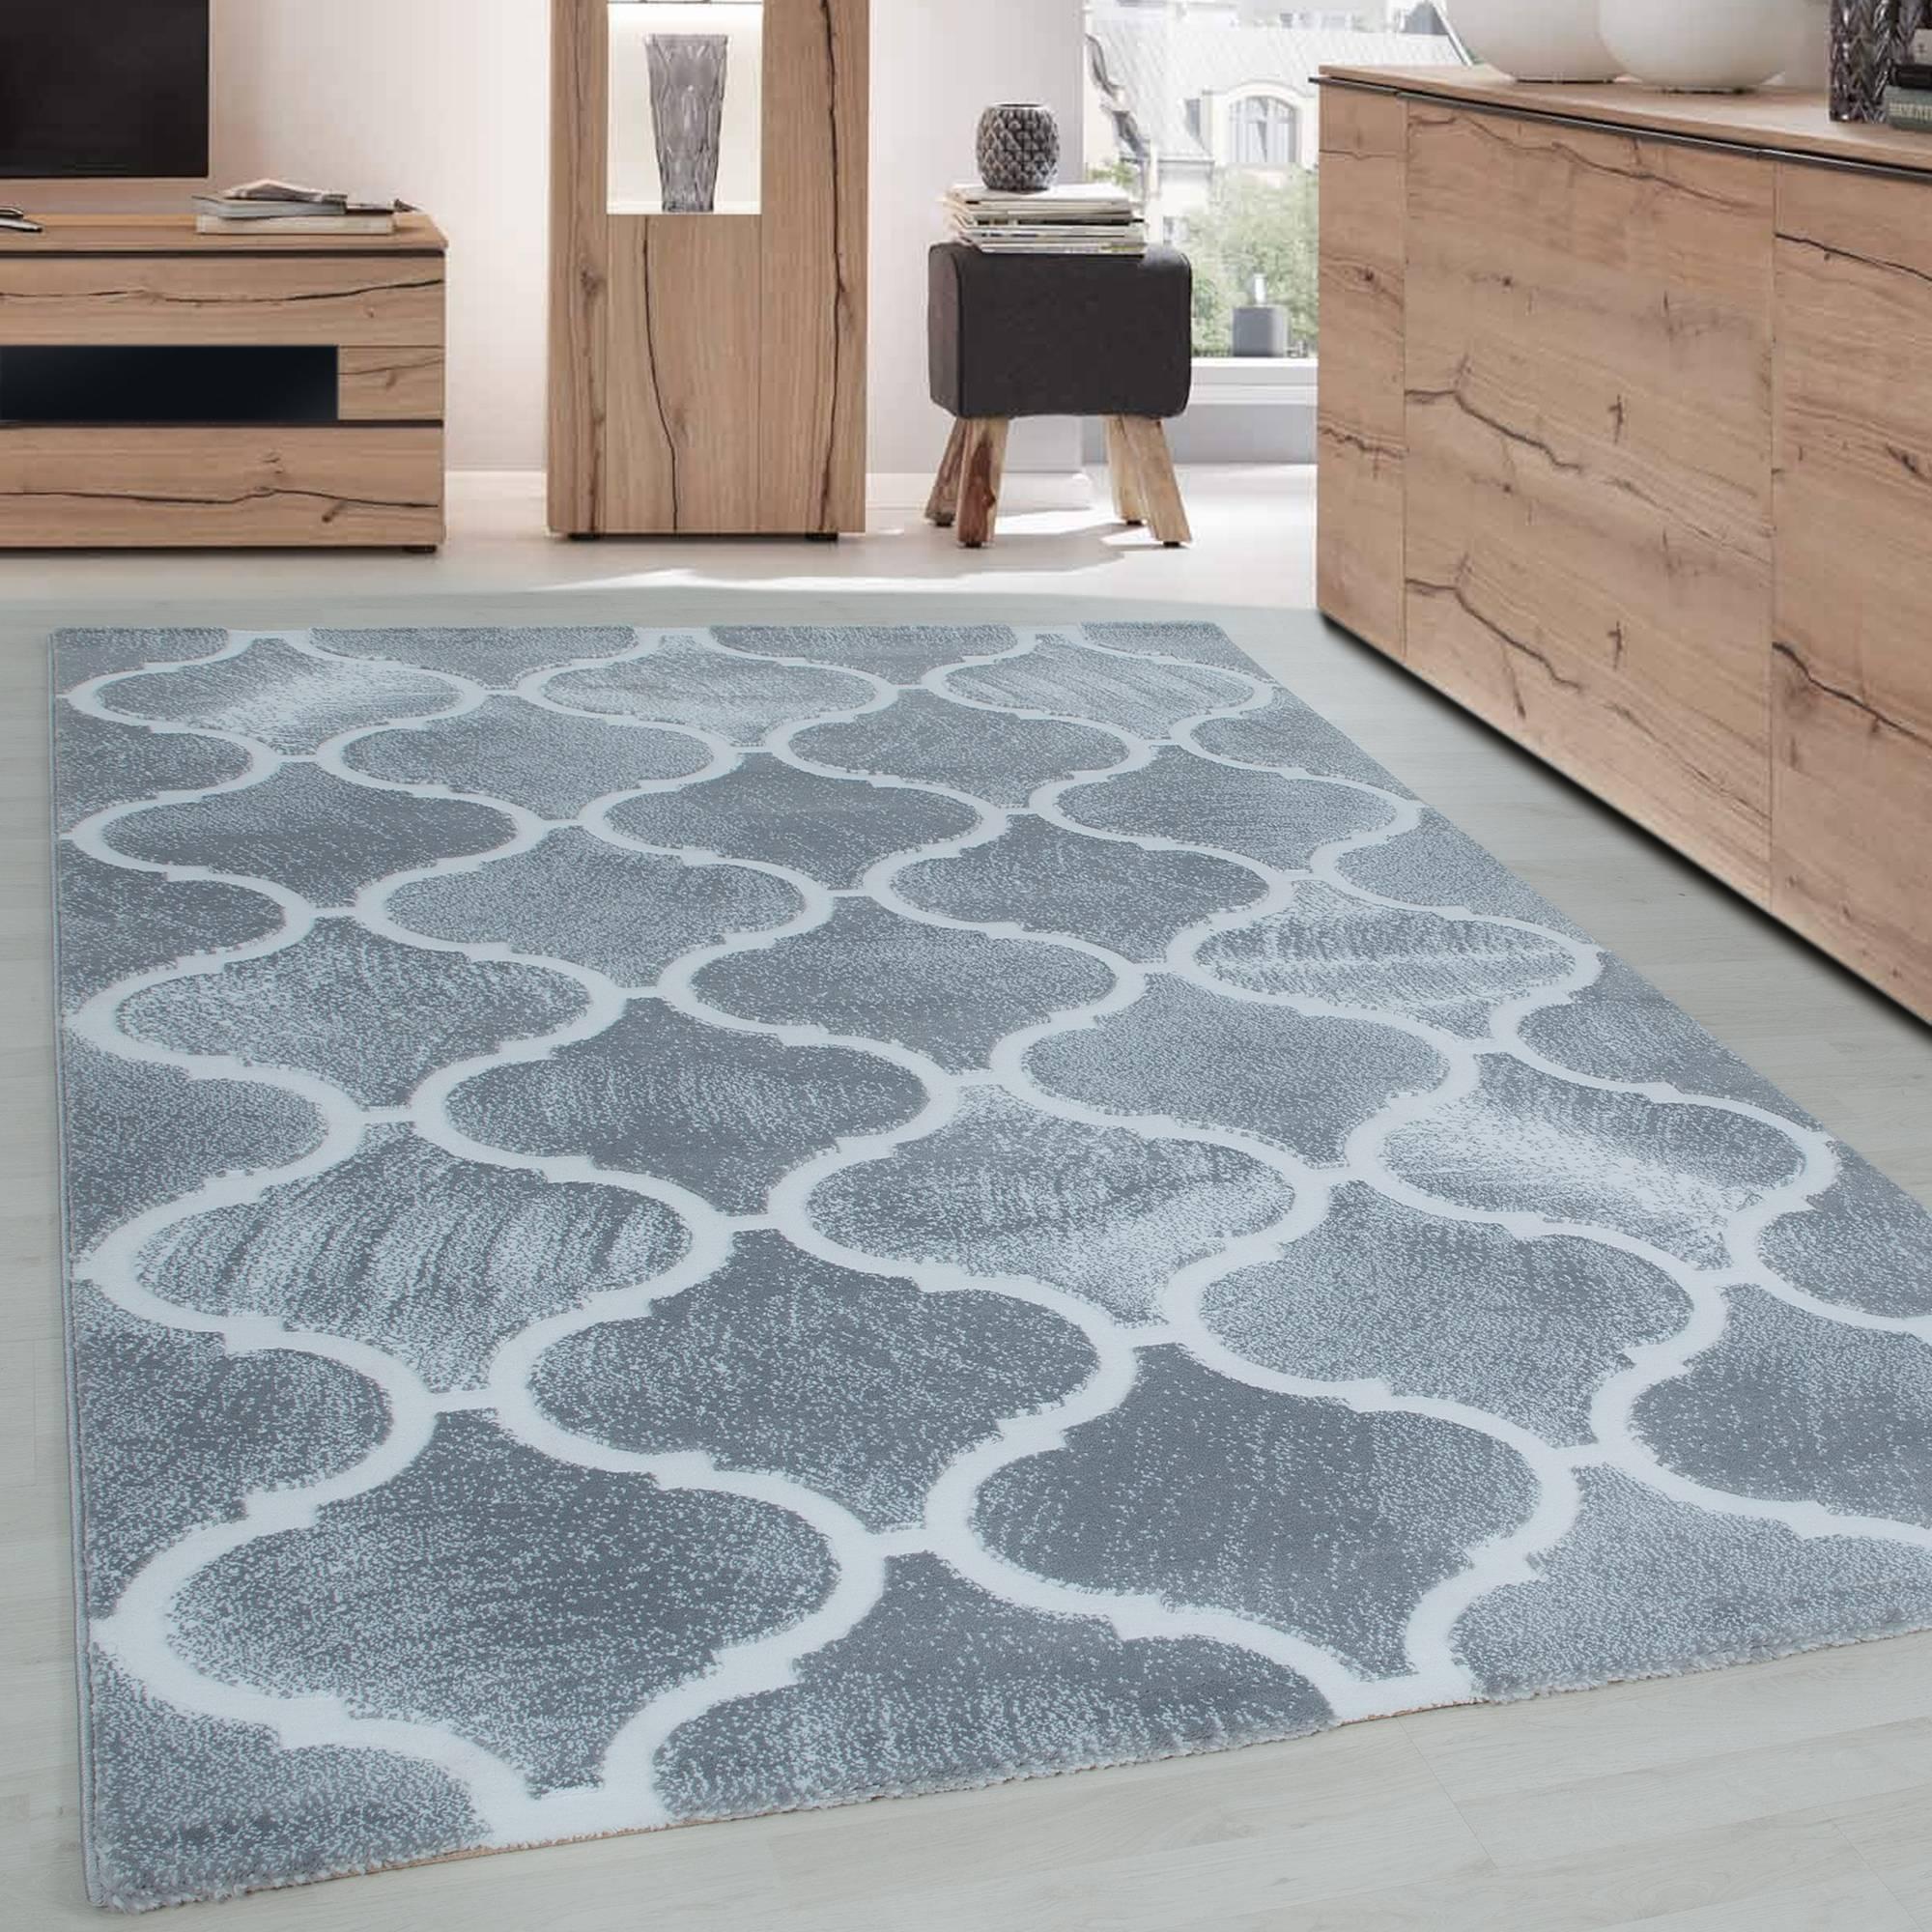 Full Size of Teppich Wohnzimmer Modern Designer Glitzer Marokkanisches Muster Tischlampe Heizkörper Deckenleuchten Deko Lampe Led Deckenleuchte Schrank Gardine Wohnzimmer Teppich Wohnzimmer Modern